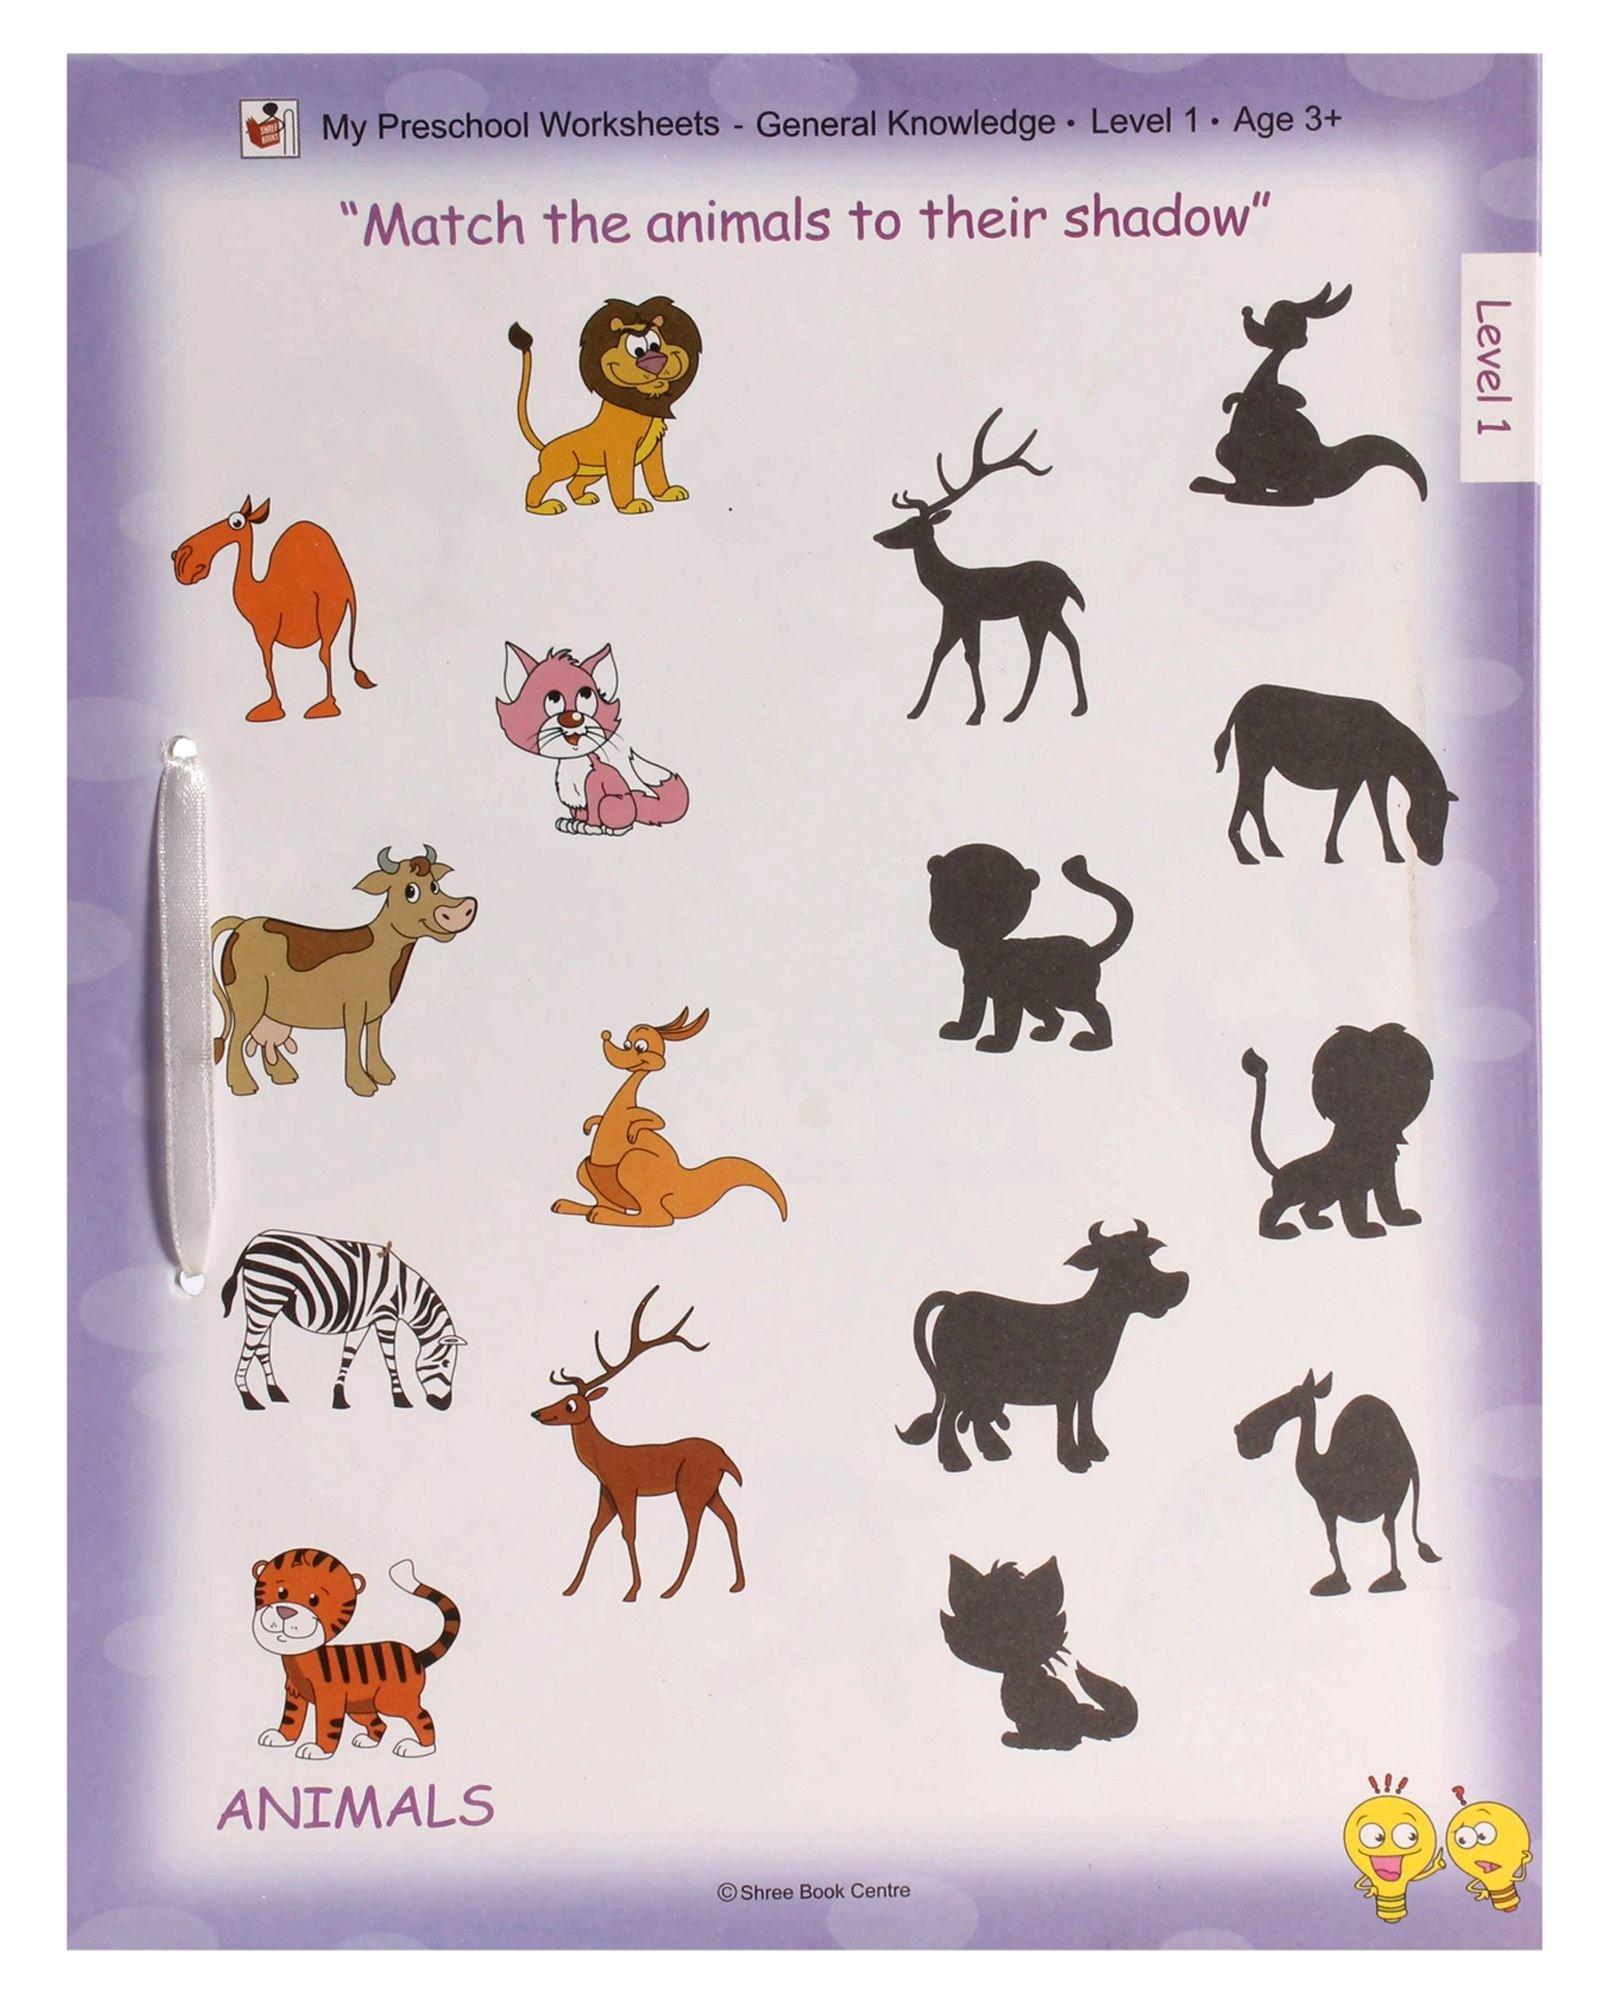 buy general knowledge level 1 my preschool worksheets book